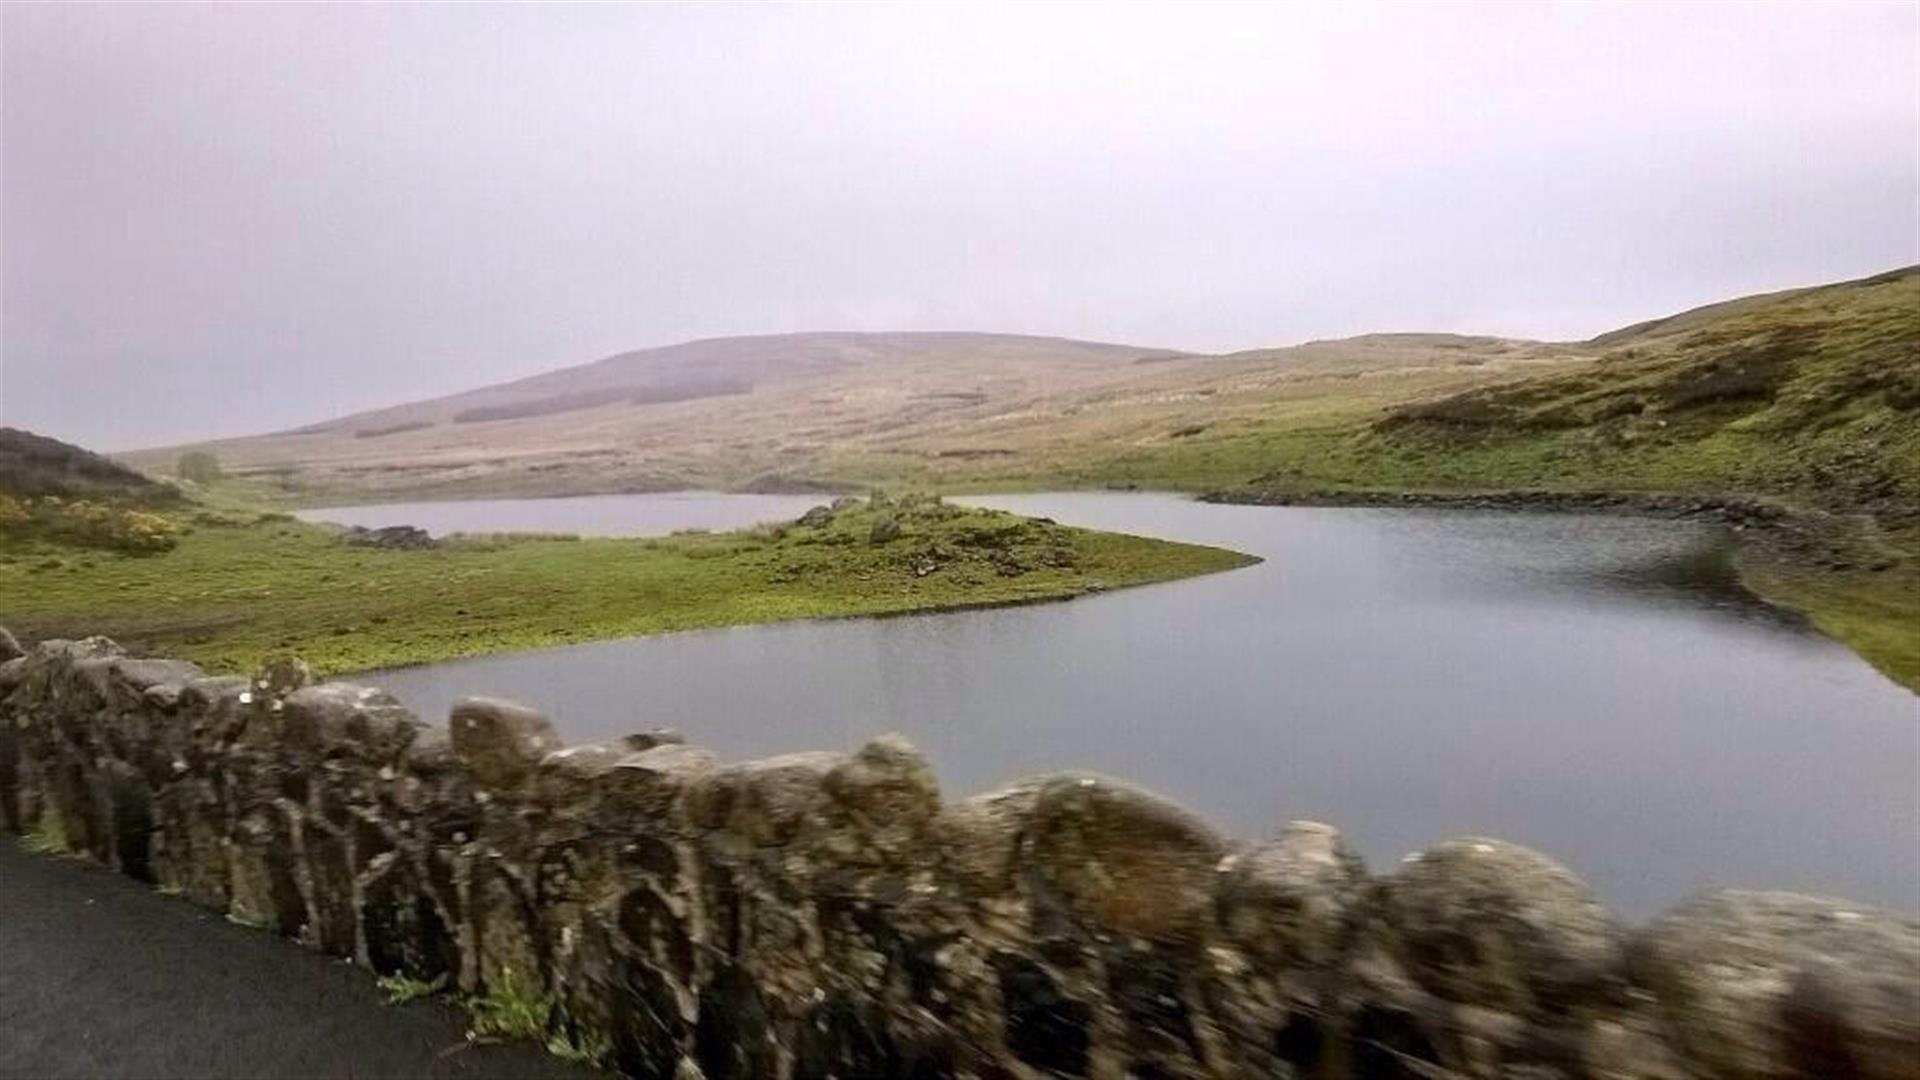 Loughareema (The Vanishing Lake)